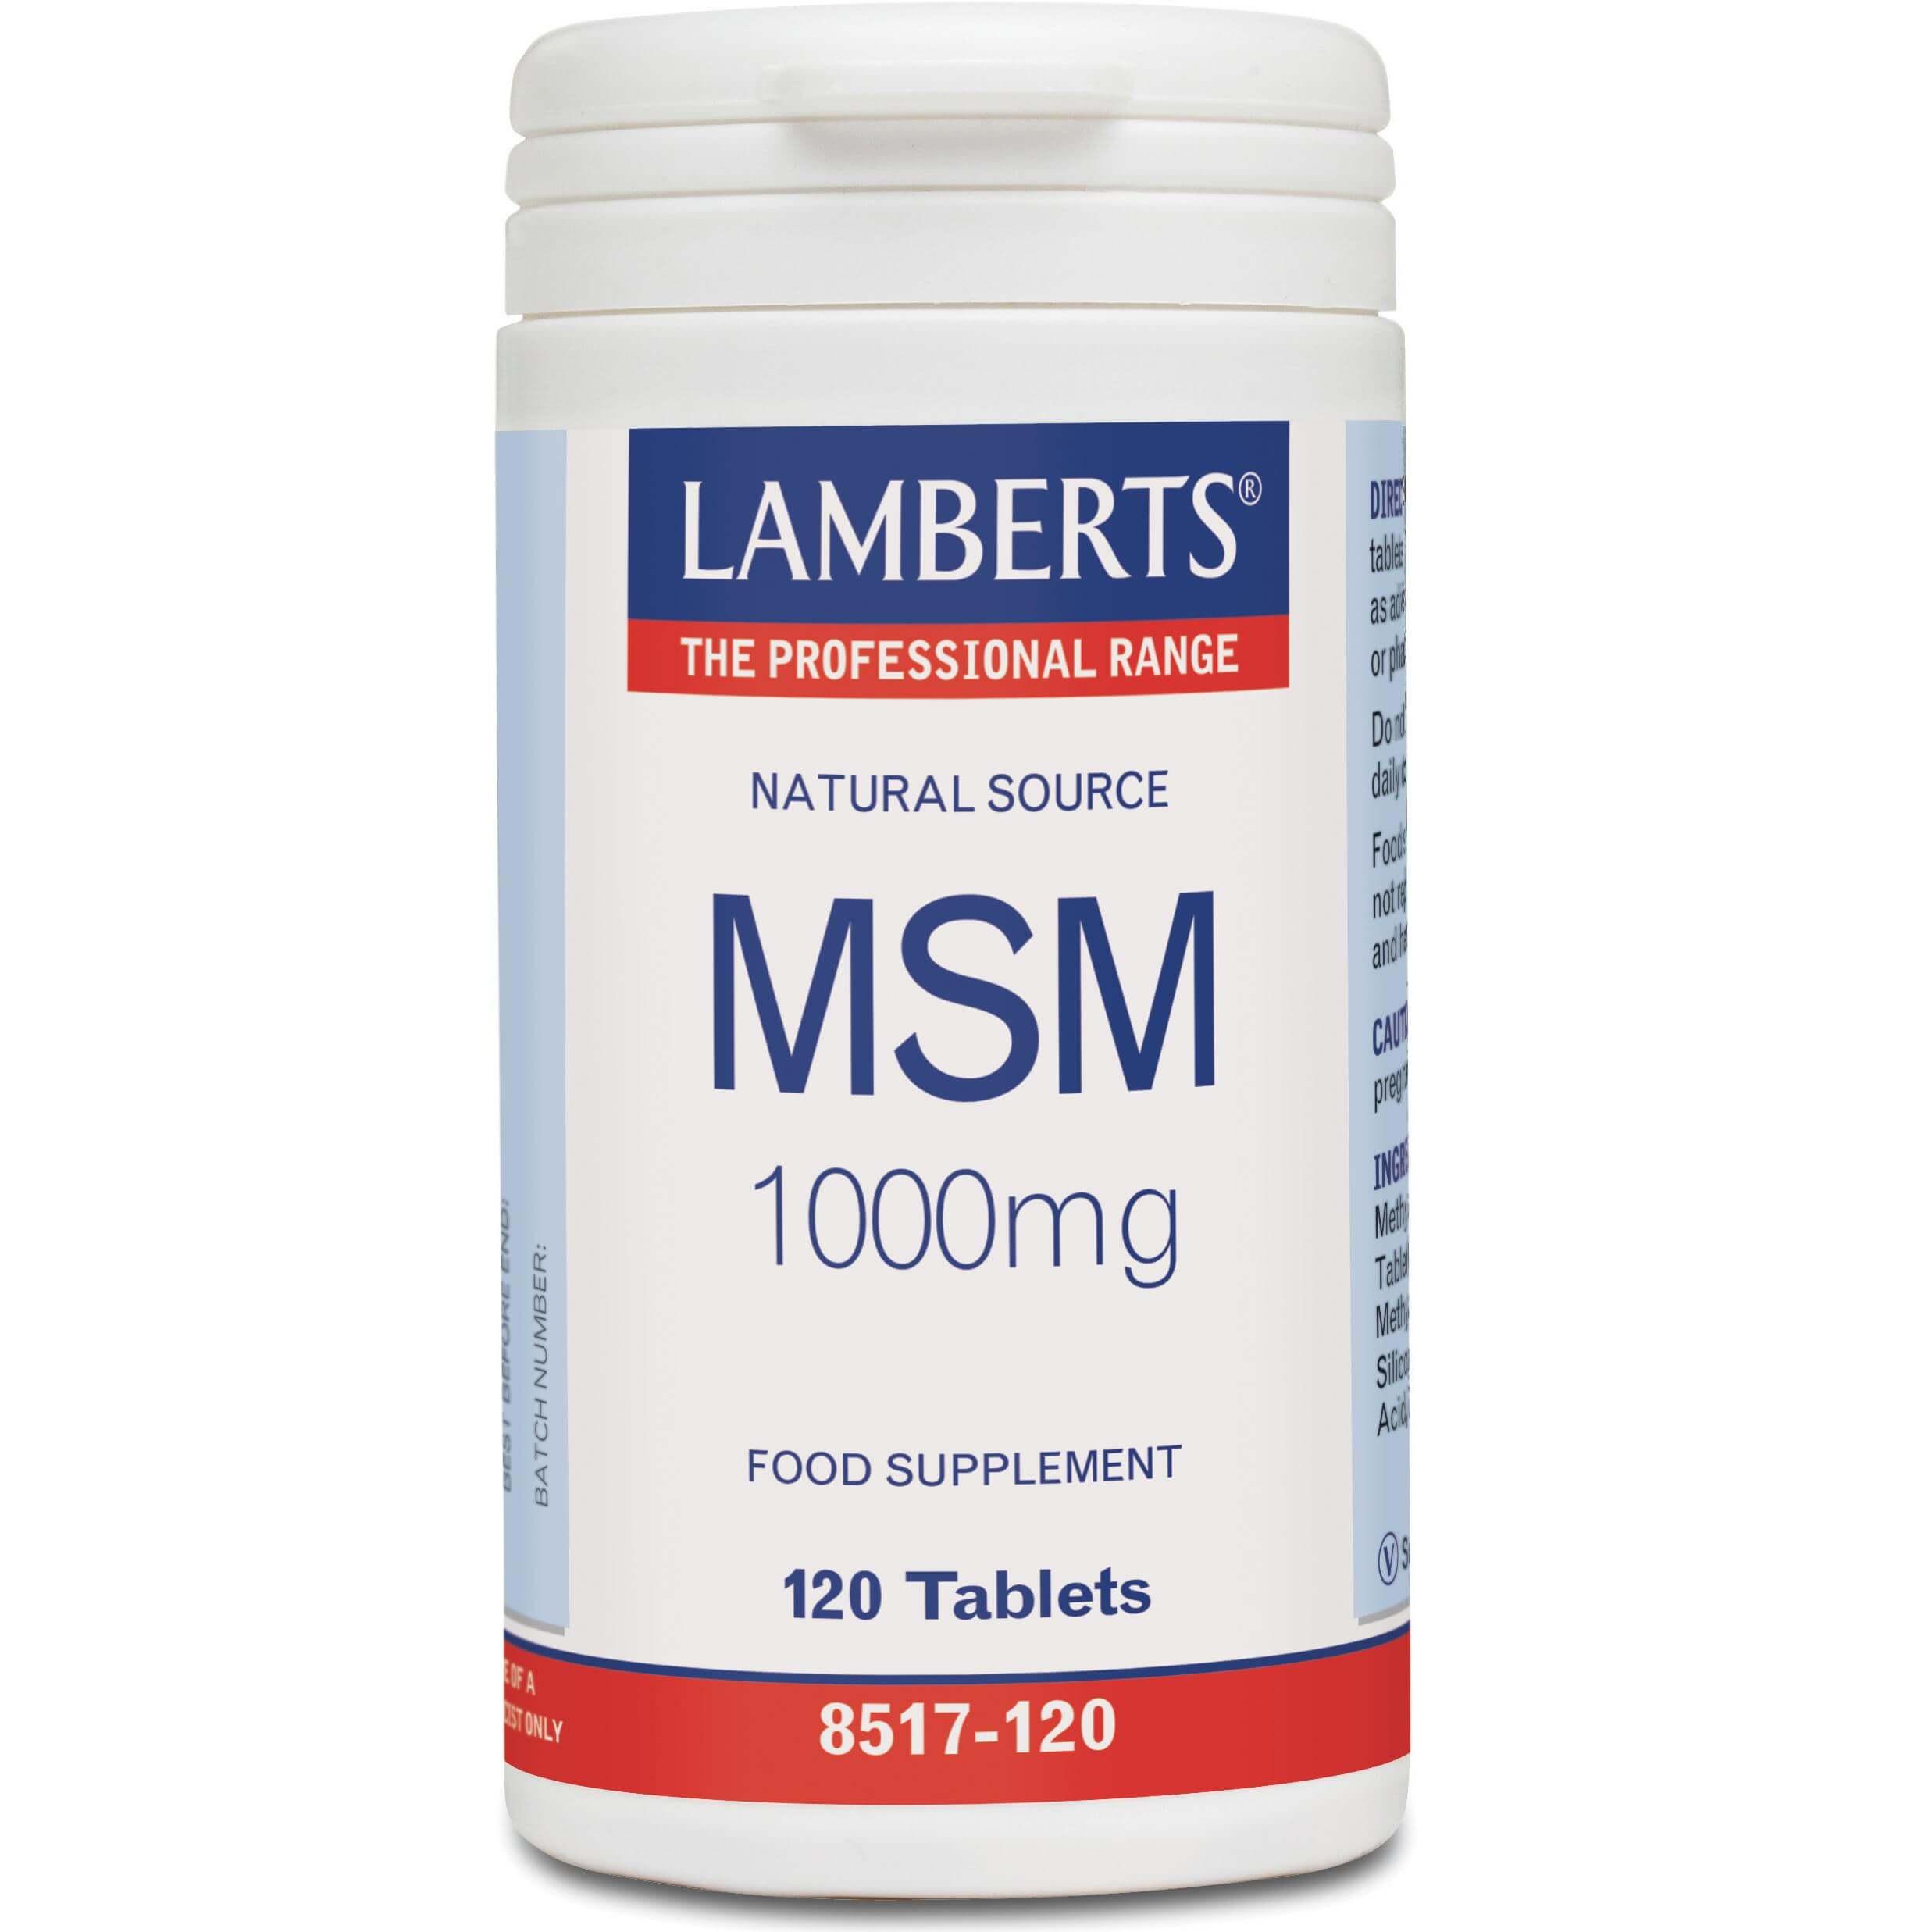 Lamberts MSM Συμπλήρωμα Διατροφής, Φυσική Πηγή MSM γιατηΔιατήρηση της Φυσιολογικής Λειτουργίας των Αρθρώσεων 1000mg 120Tabs